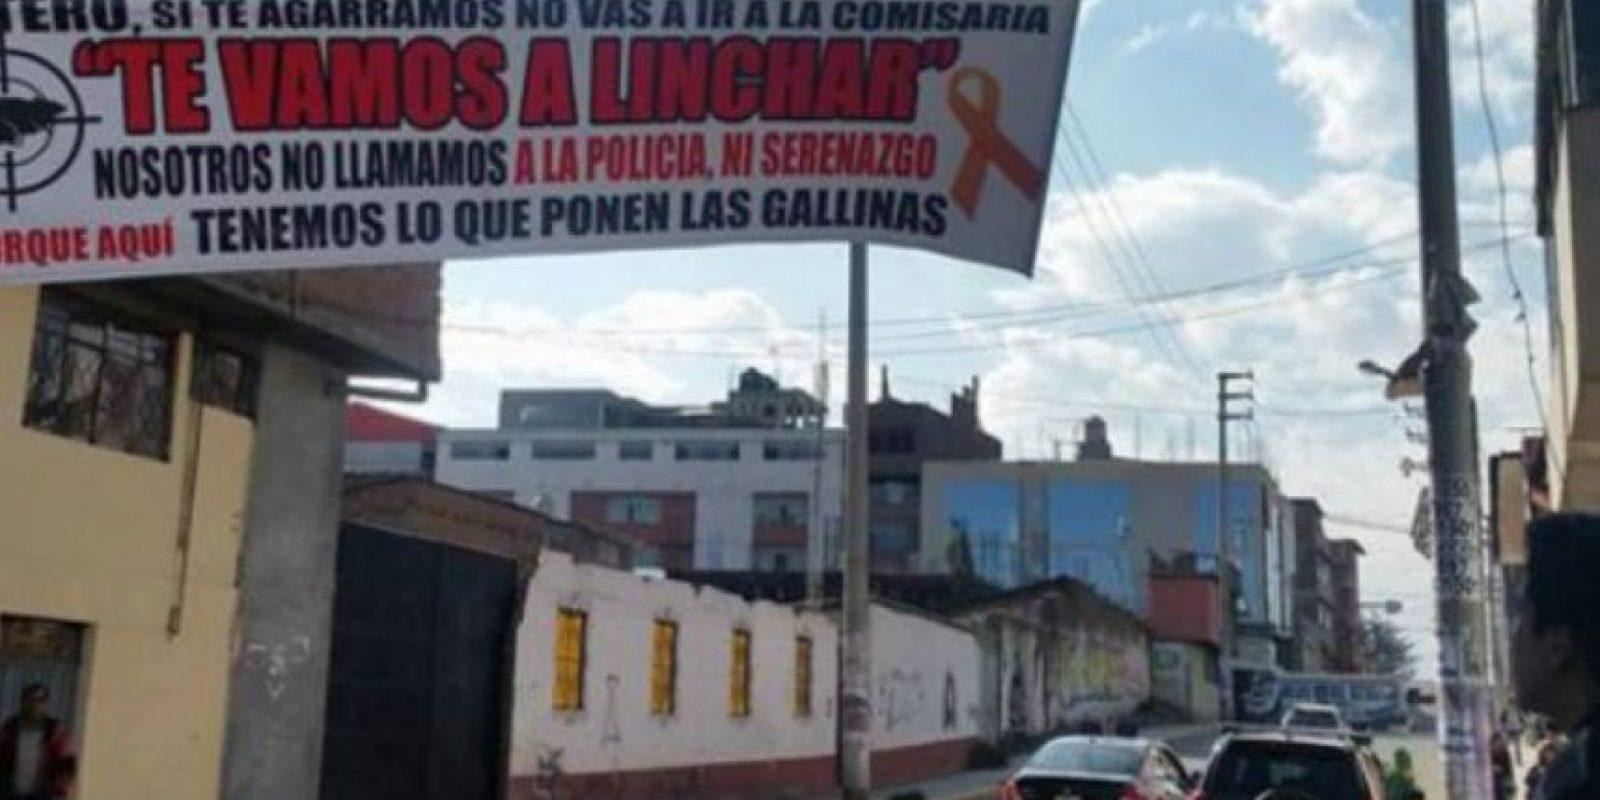 Esto, debido a que a los delincuentes los dejan libres luego de ser capturados. Foto:vía Facebook/Chapa tu Choro